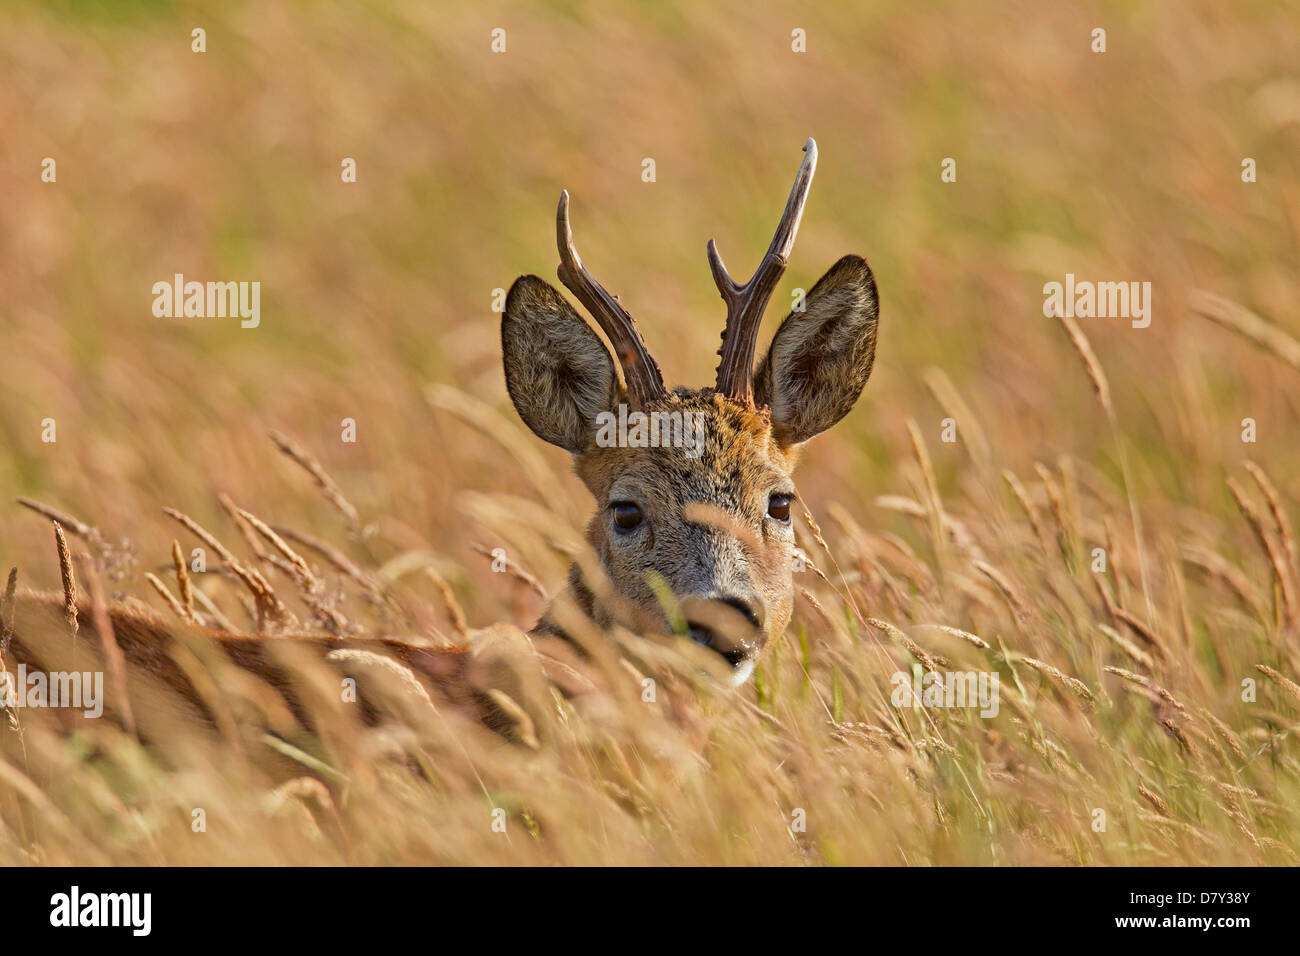 Roe deer (Capreolus capreolus) roebuck with deformed antler in cornfield in june - Stock Image